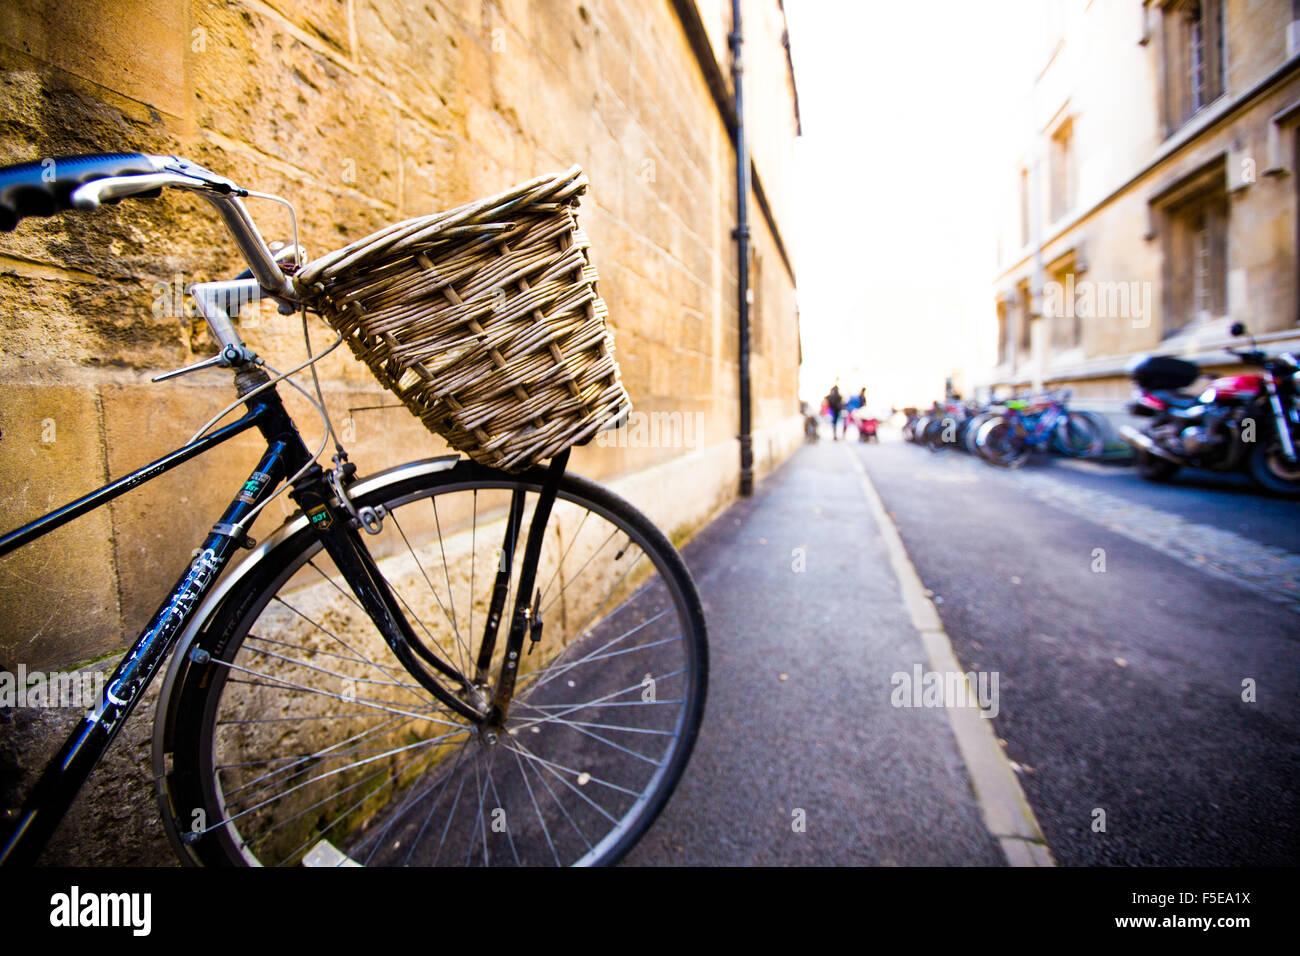 Bicicleta, Oxford, Oxford, Inglaterra, Reino Unido, Europa Imagen De Stock